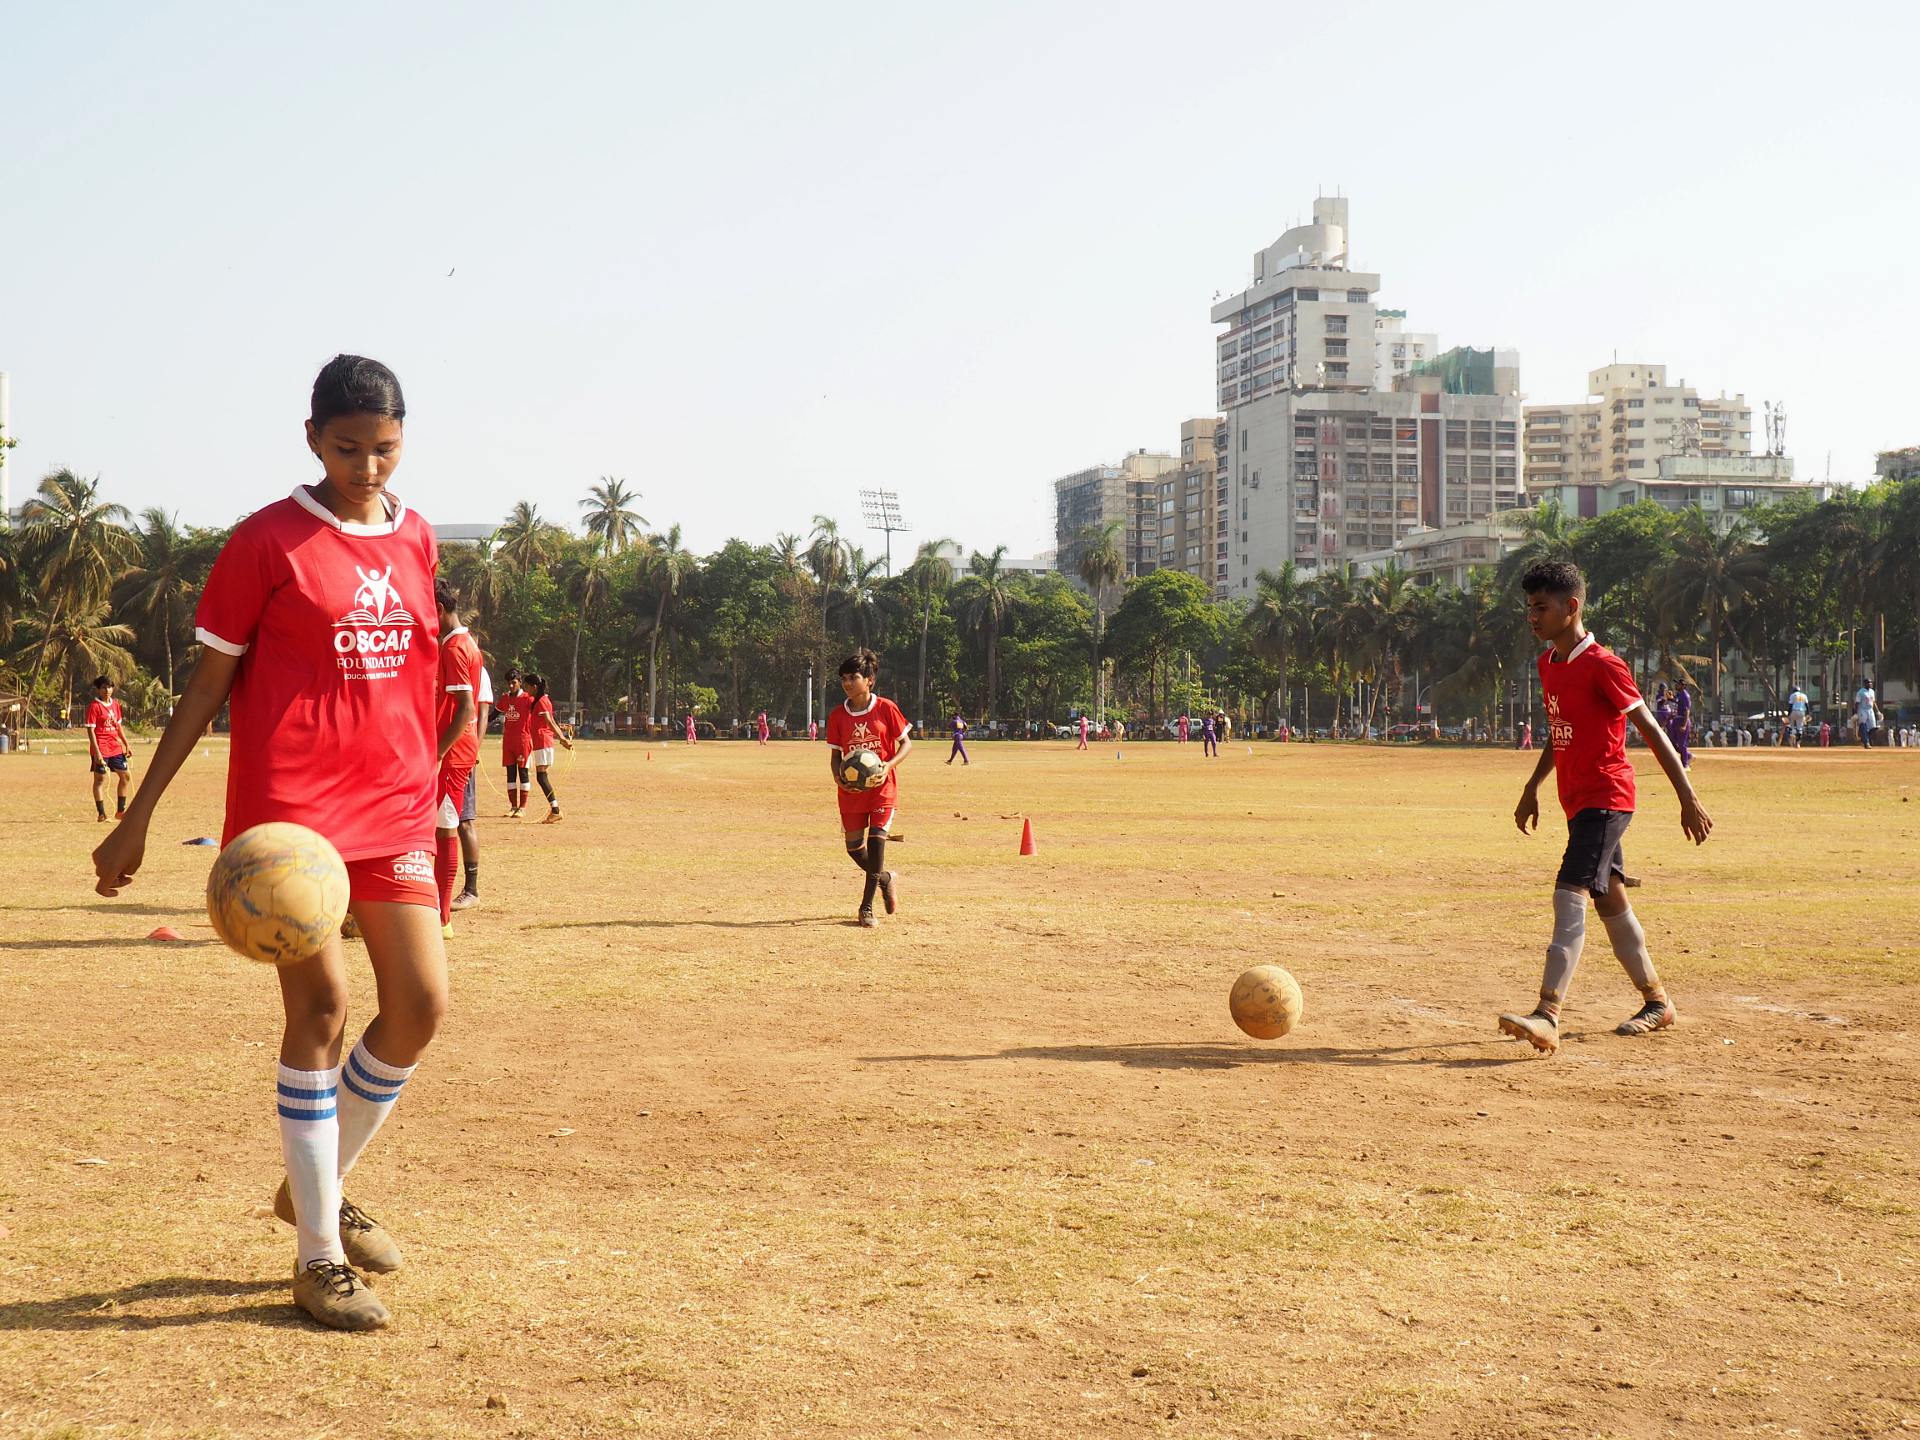 När Priya Rajbhar spelade fotboll på skolgården förut brukade killarna skämta om att hon skulle hamna på akuten om hon får bollen på sig. Några år senare var hon given i skollaget.Foto Karl Sundström